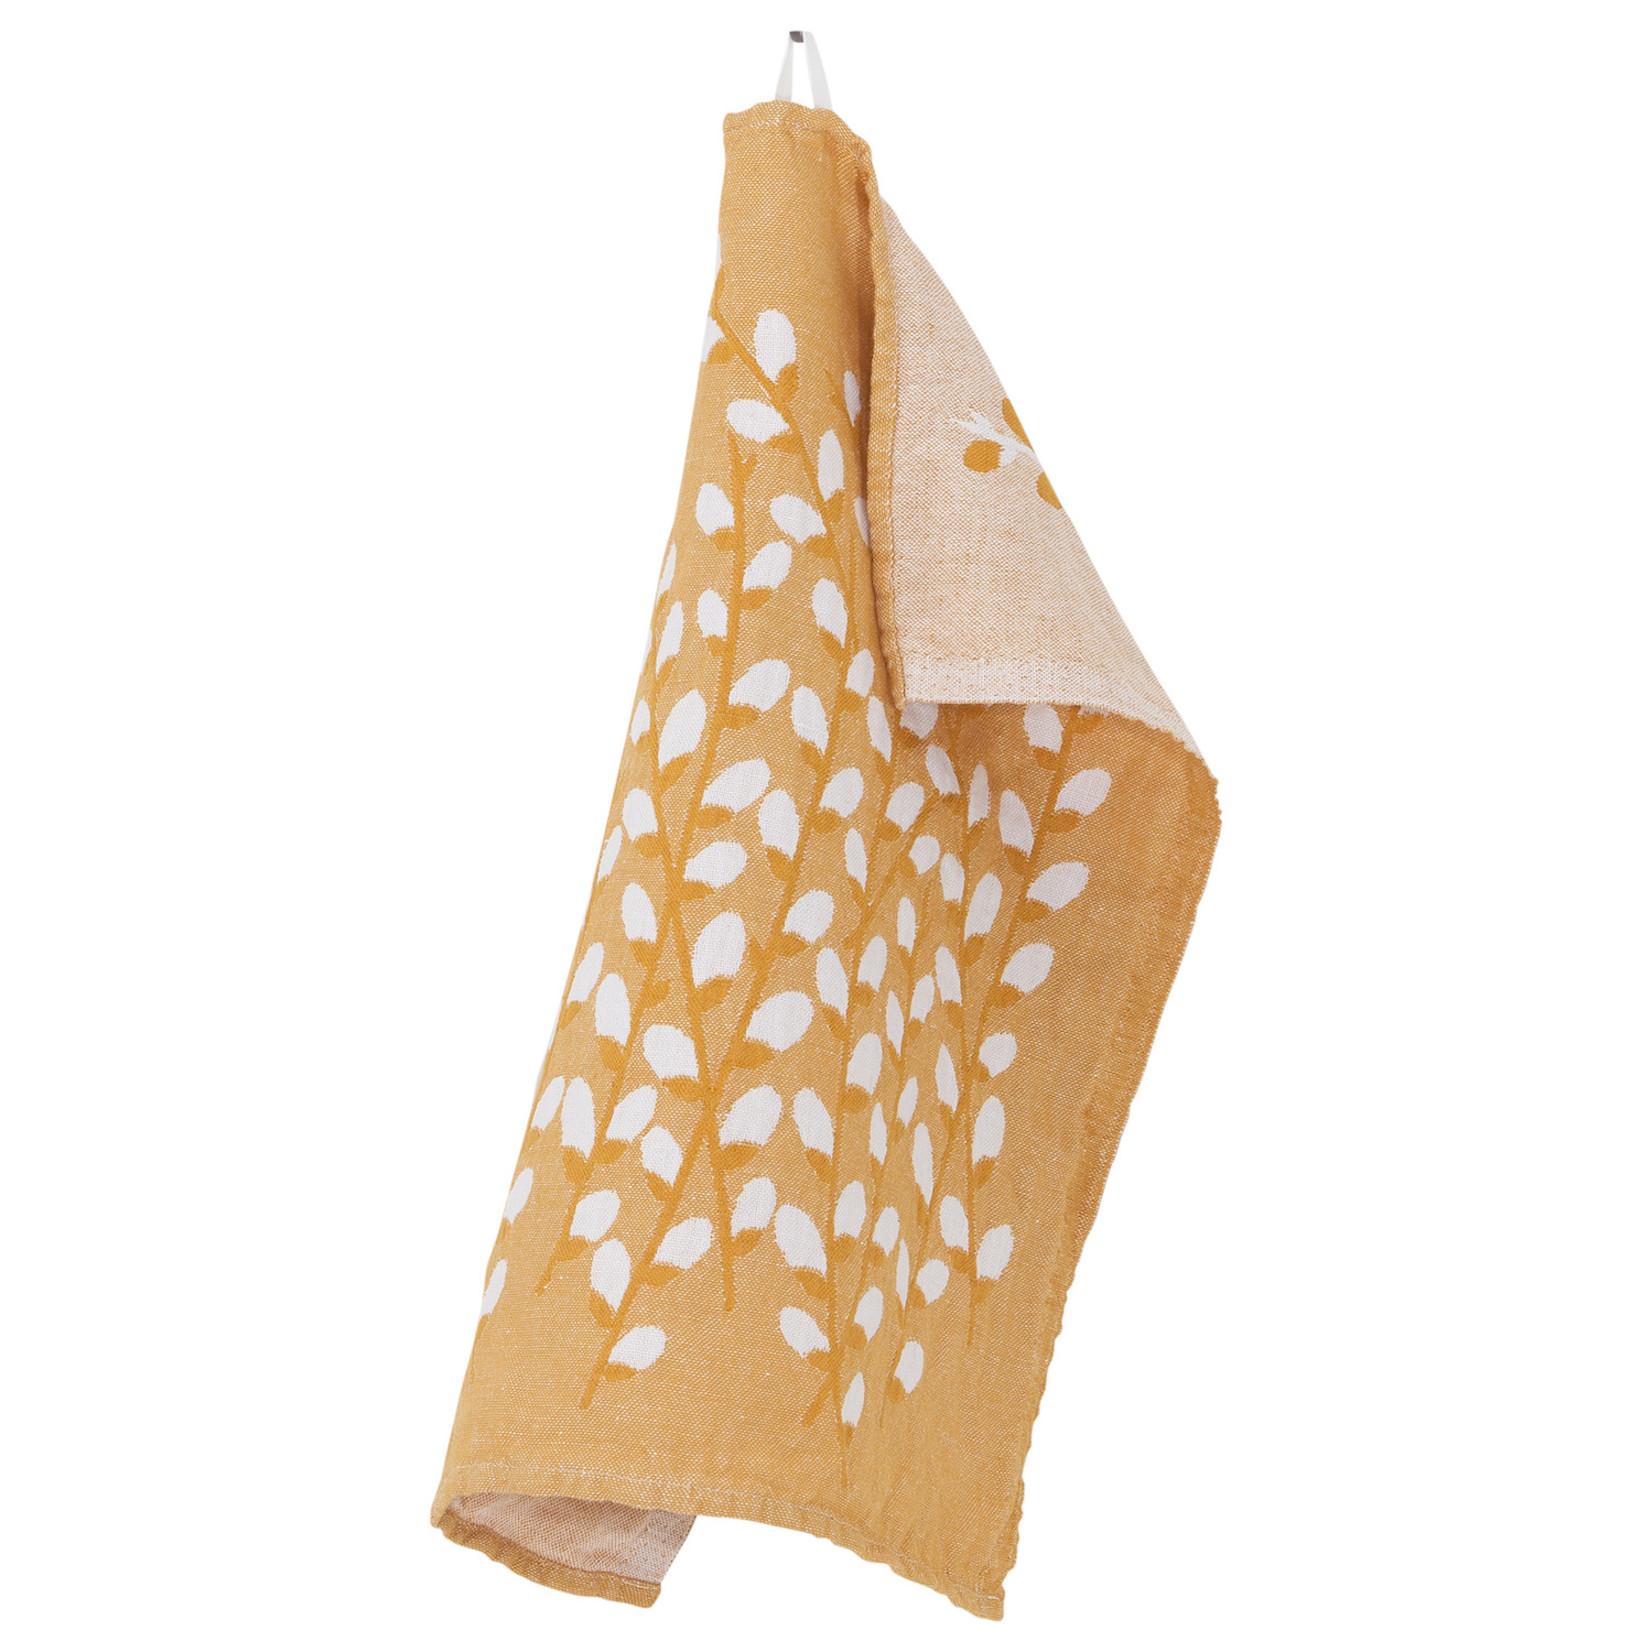 Lapuan Kankurit VARPU tablerunner + napkins gift set